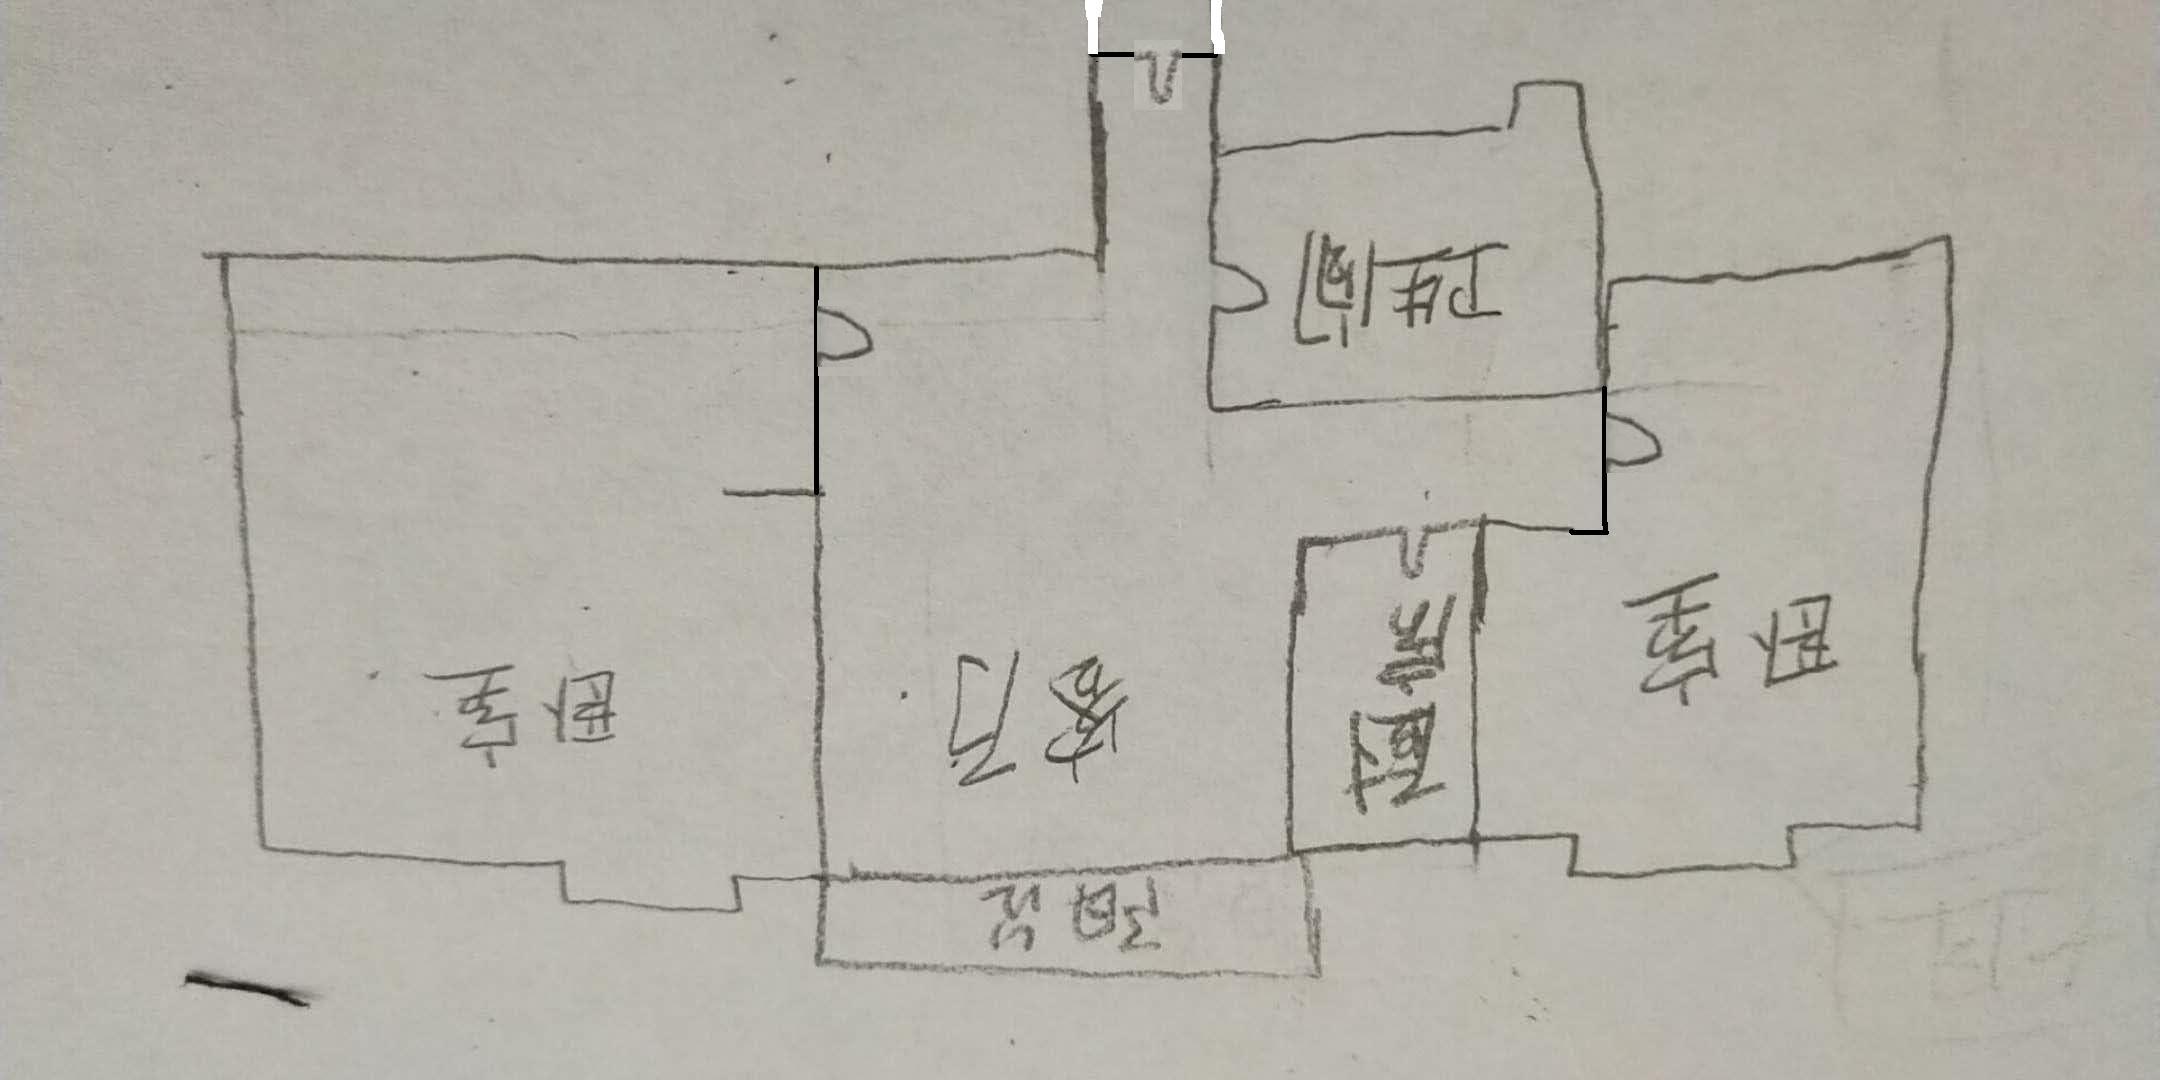 巴塞小镇 2室2厅 8楼